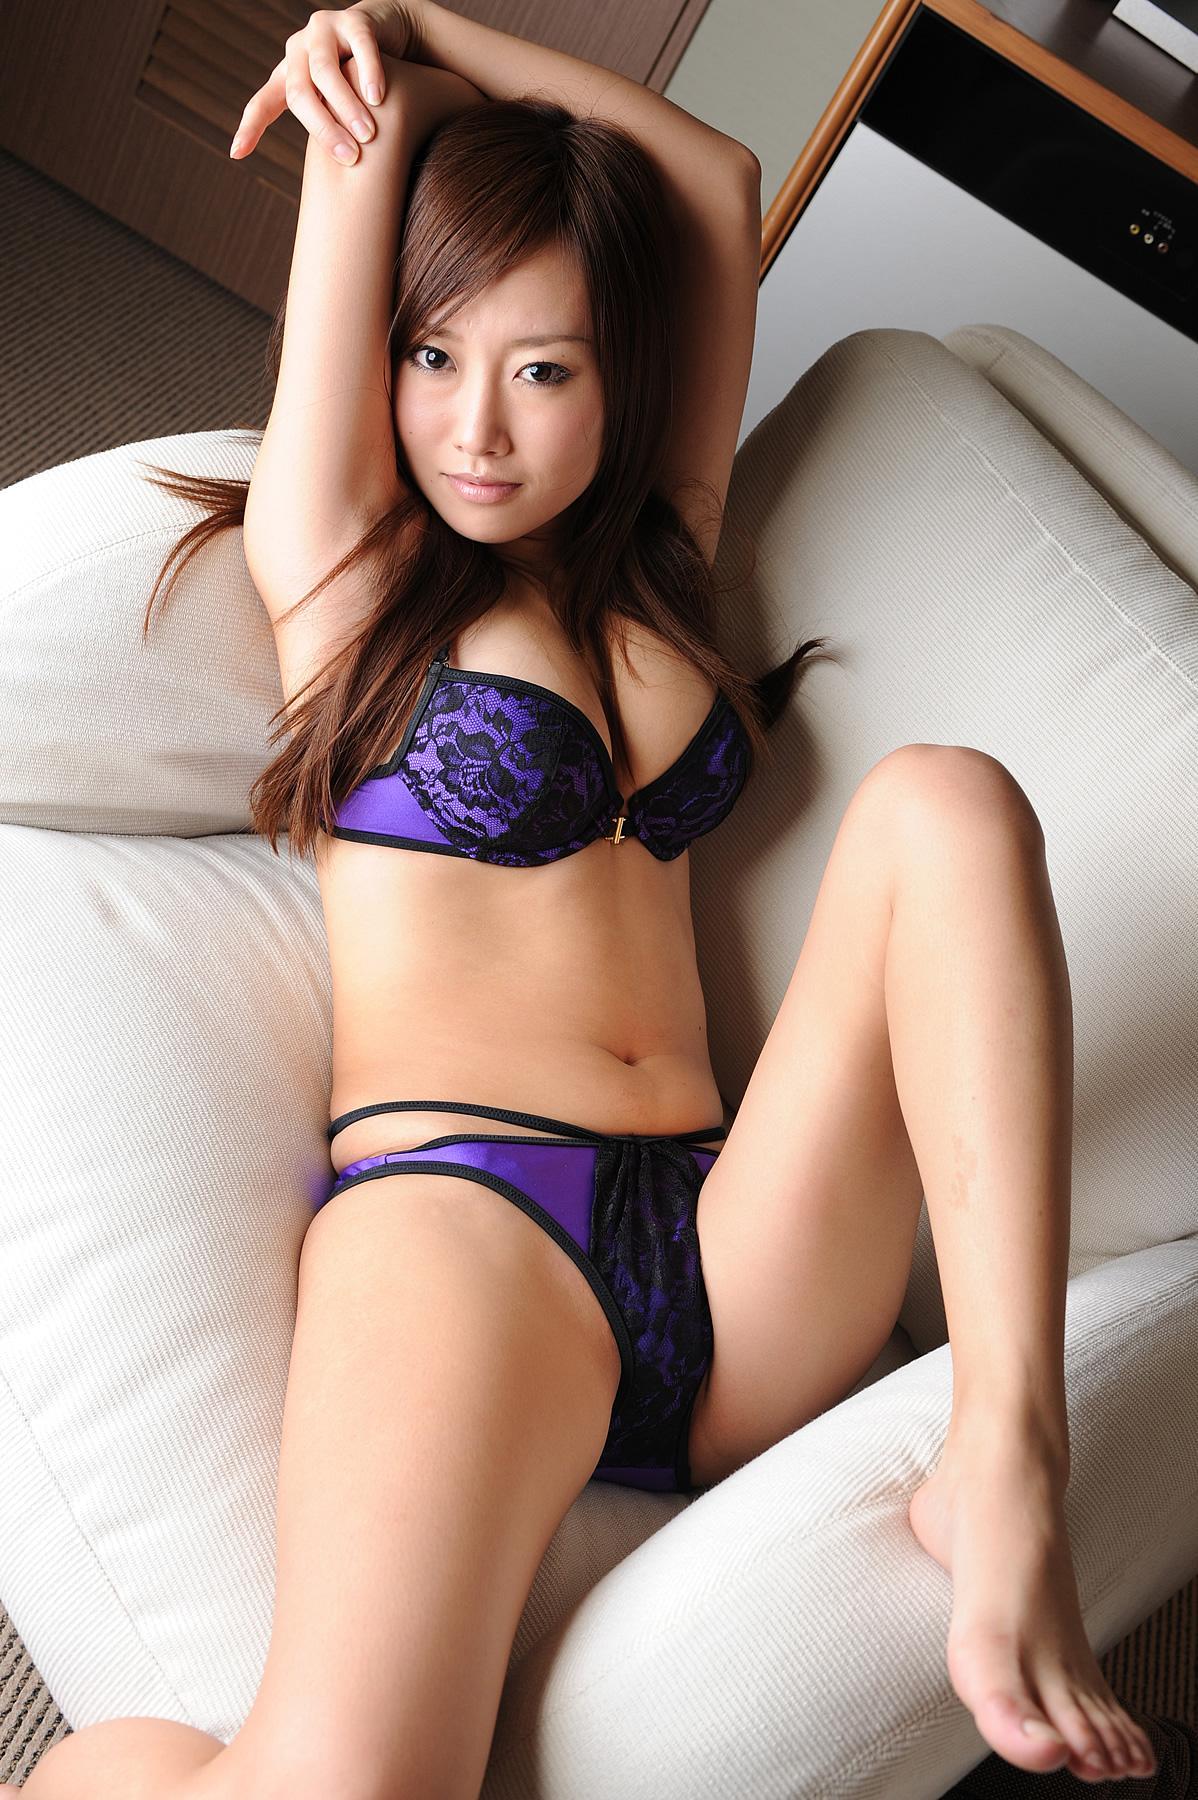 三次元 3次元 エロ画像 ランジェリー 紫 下着 べっぴん娘通信 06